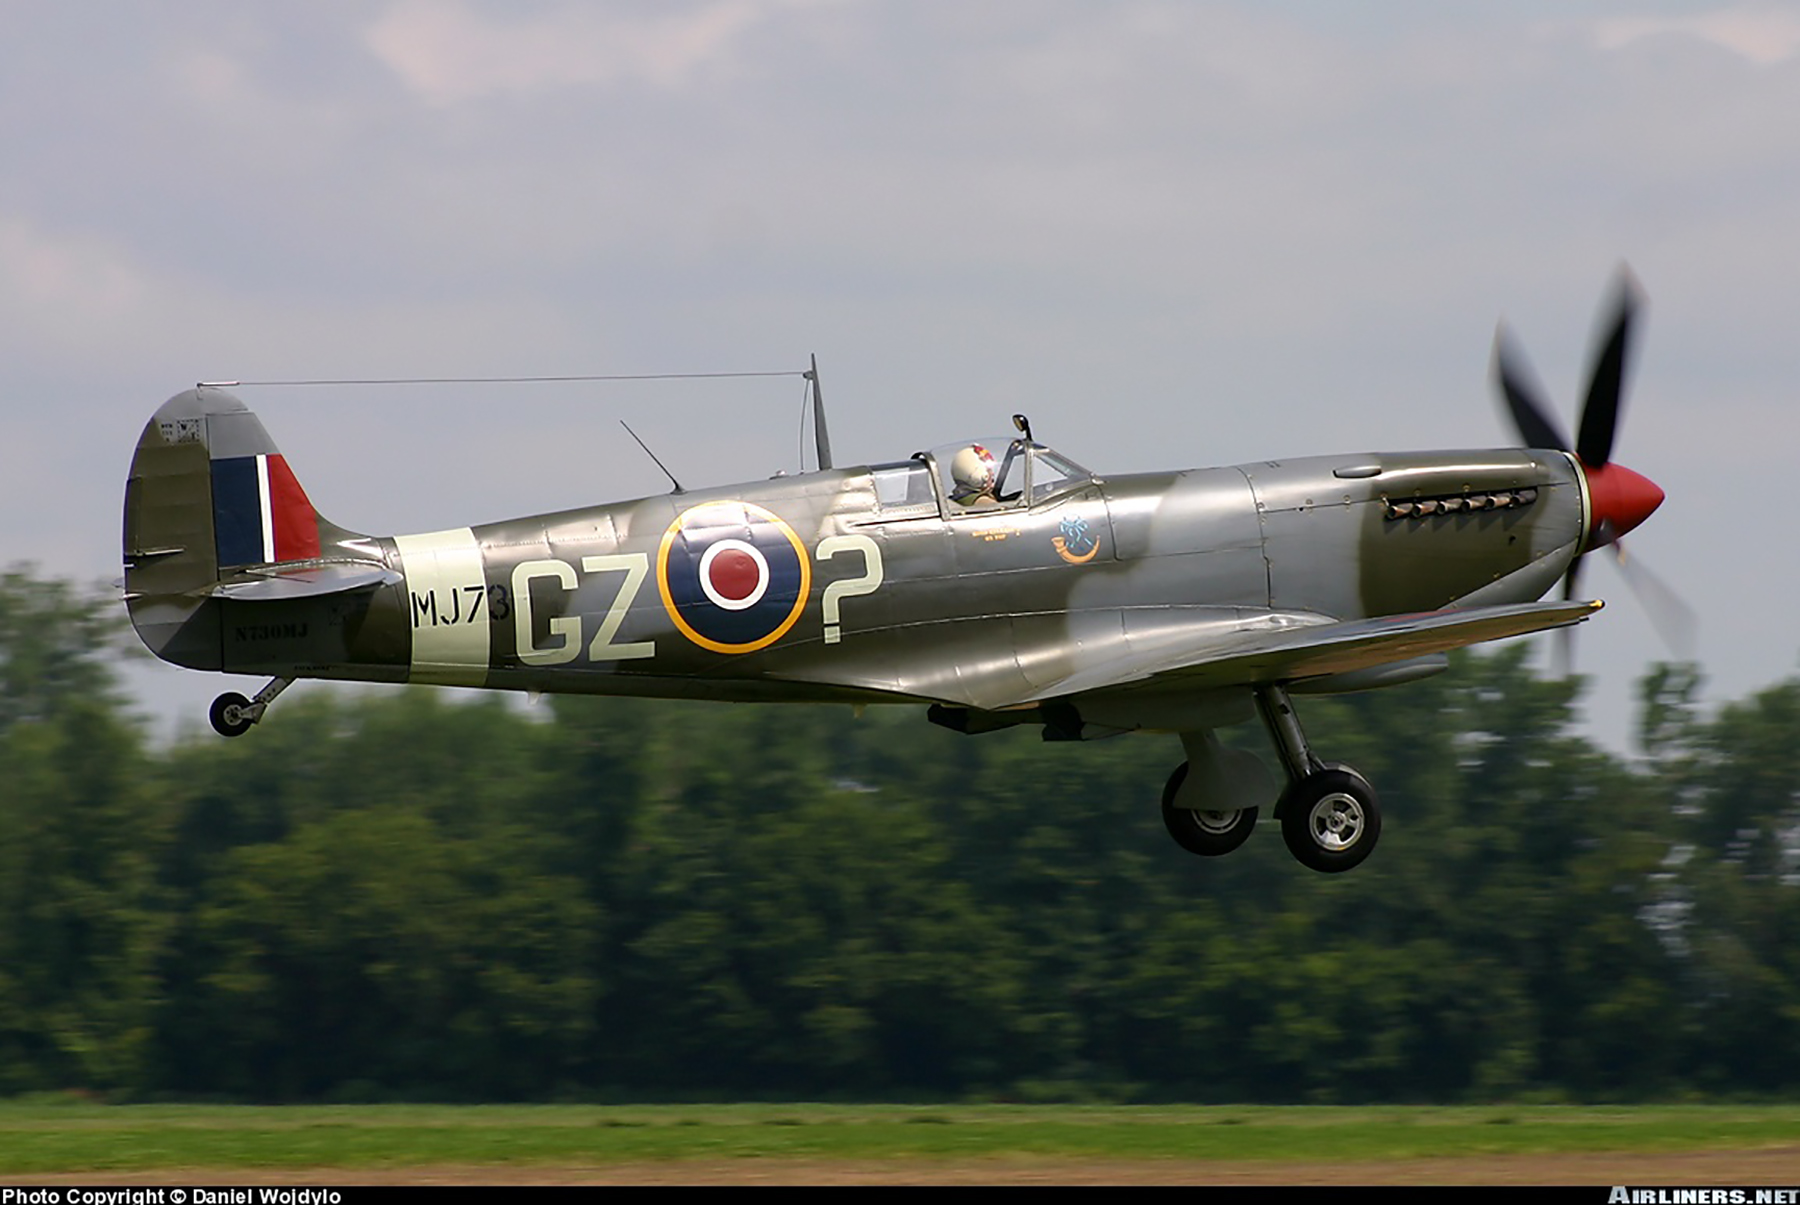 Airworthy Spitfire warbird LFIX RAF 32Sqn GZ 7 MJ730 CBAF7243 N730MJ 02